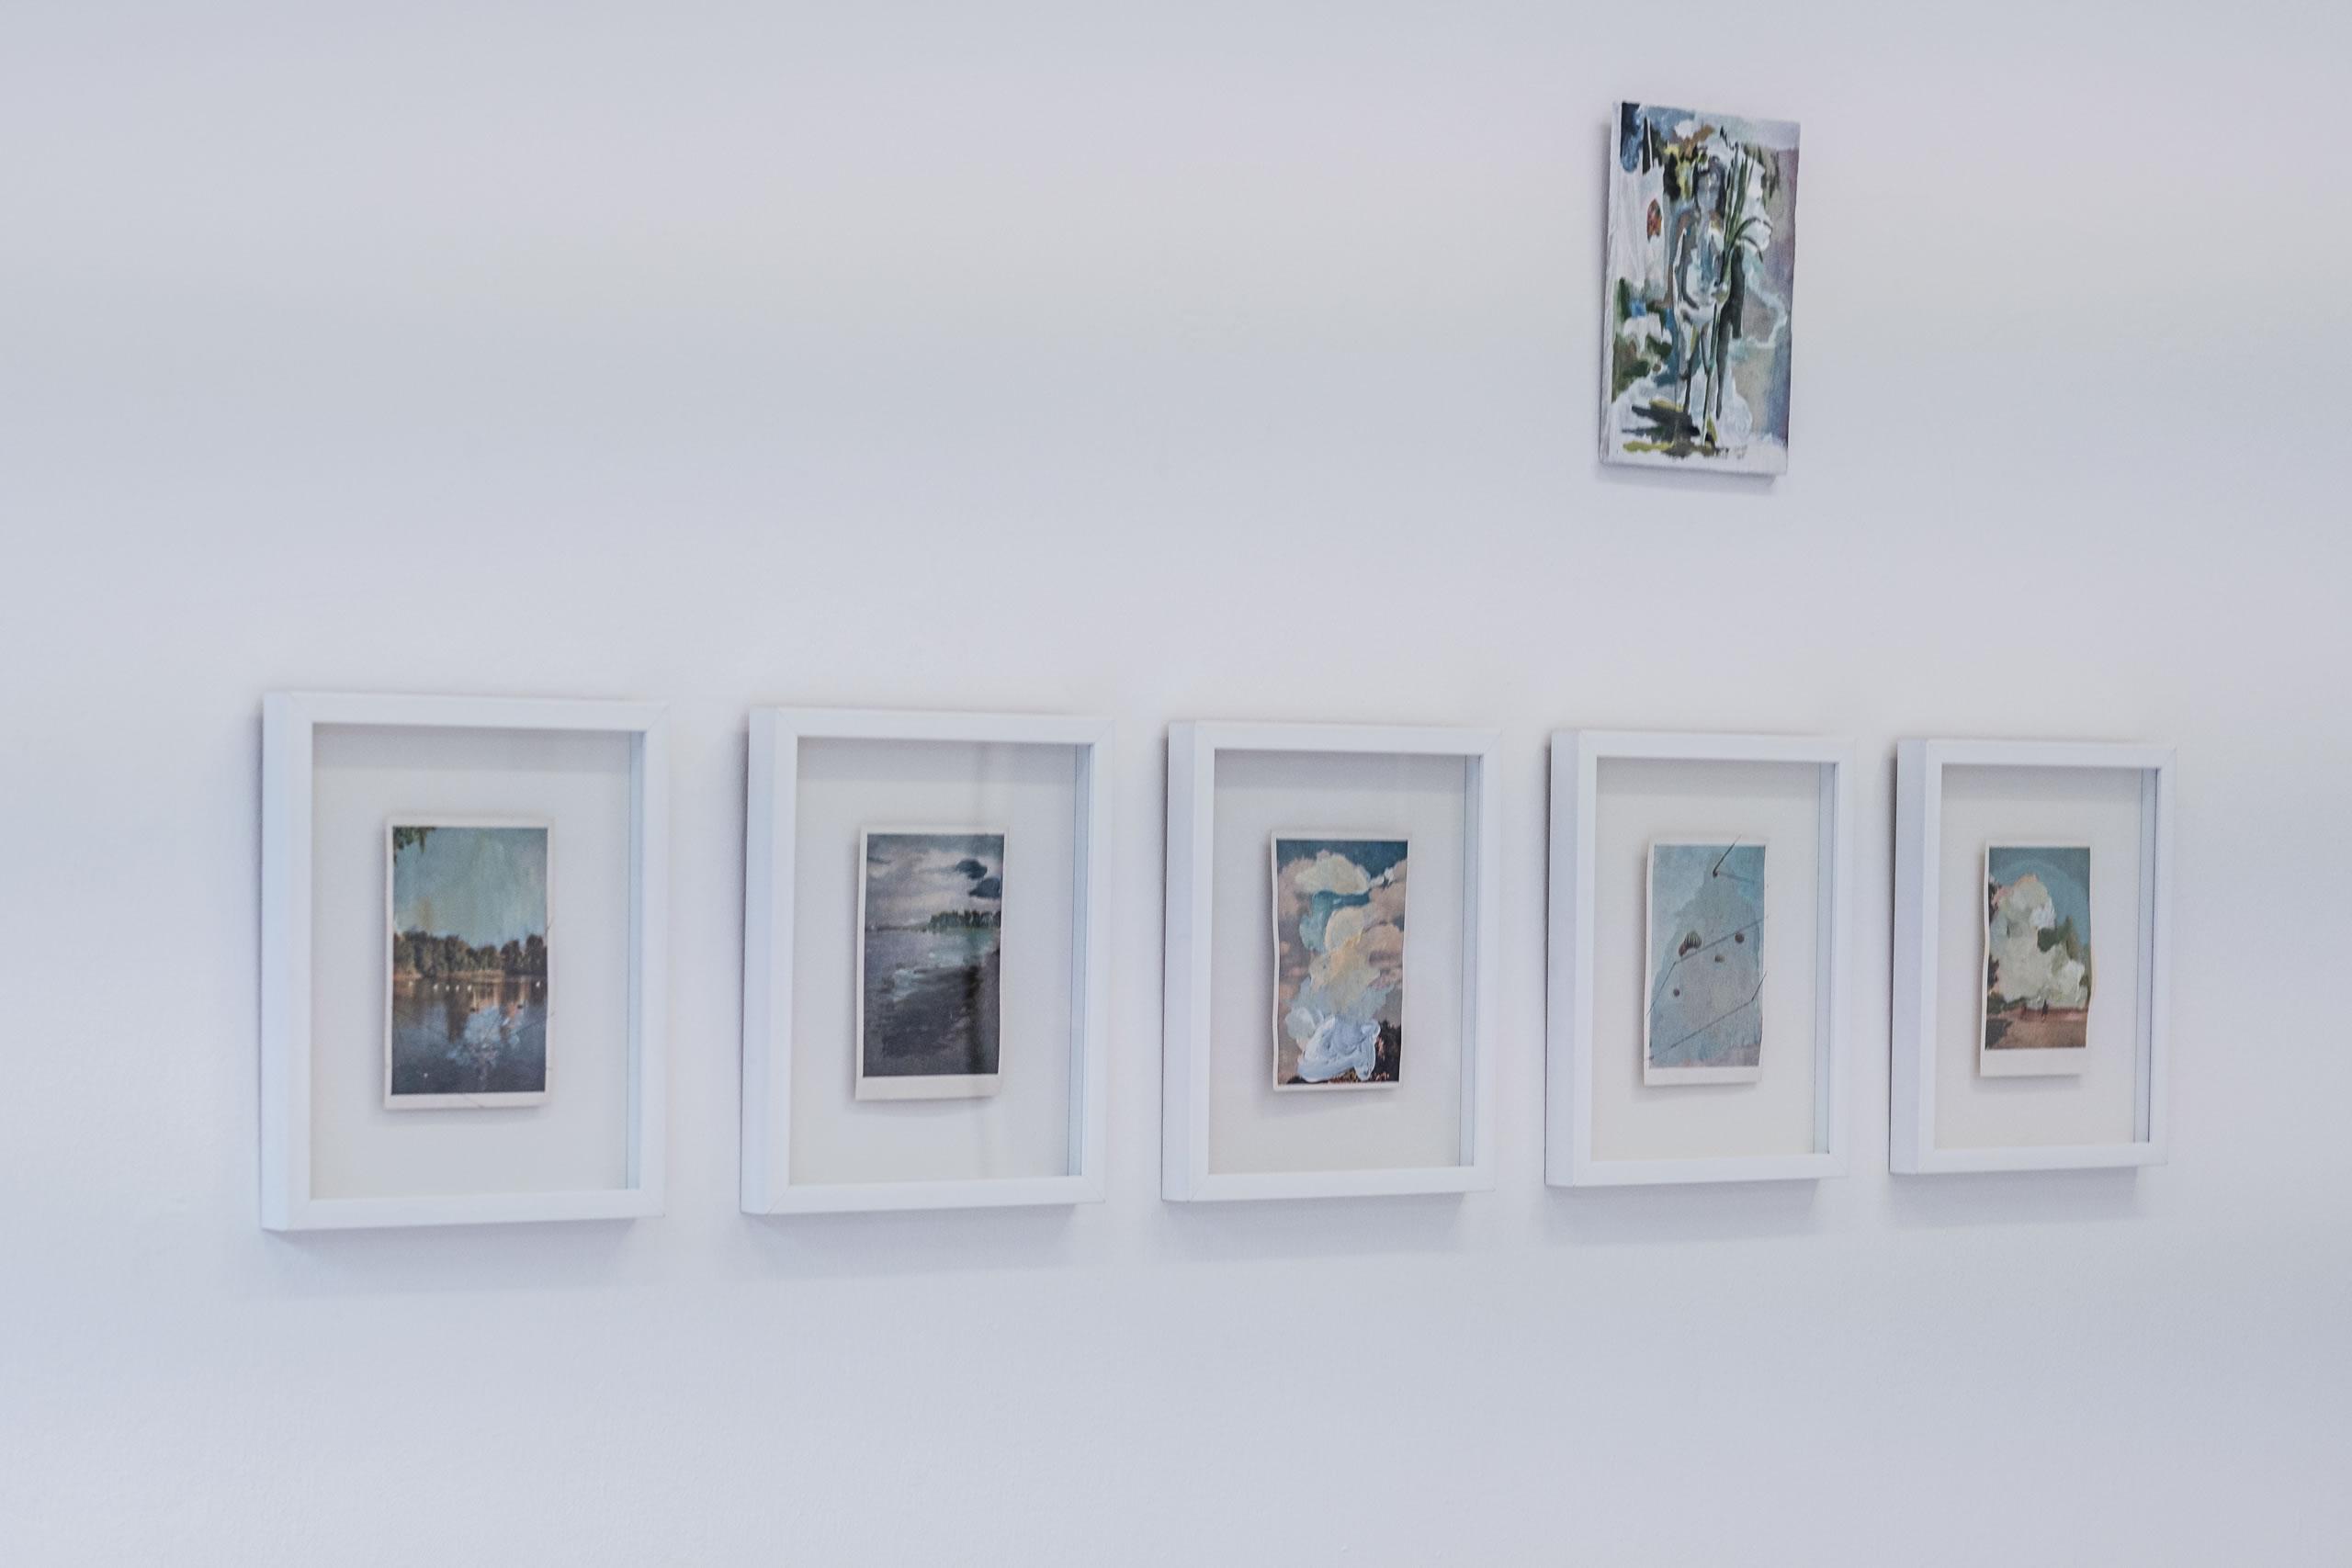 3. Törn | Anthia Loizou | II | Foto Manu Lasnik | 2019 | Galerie3